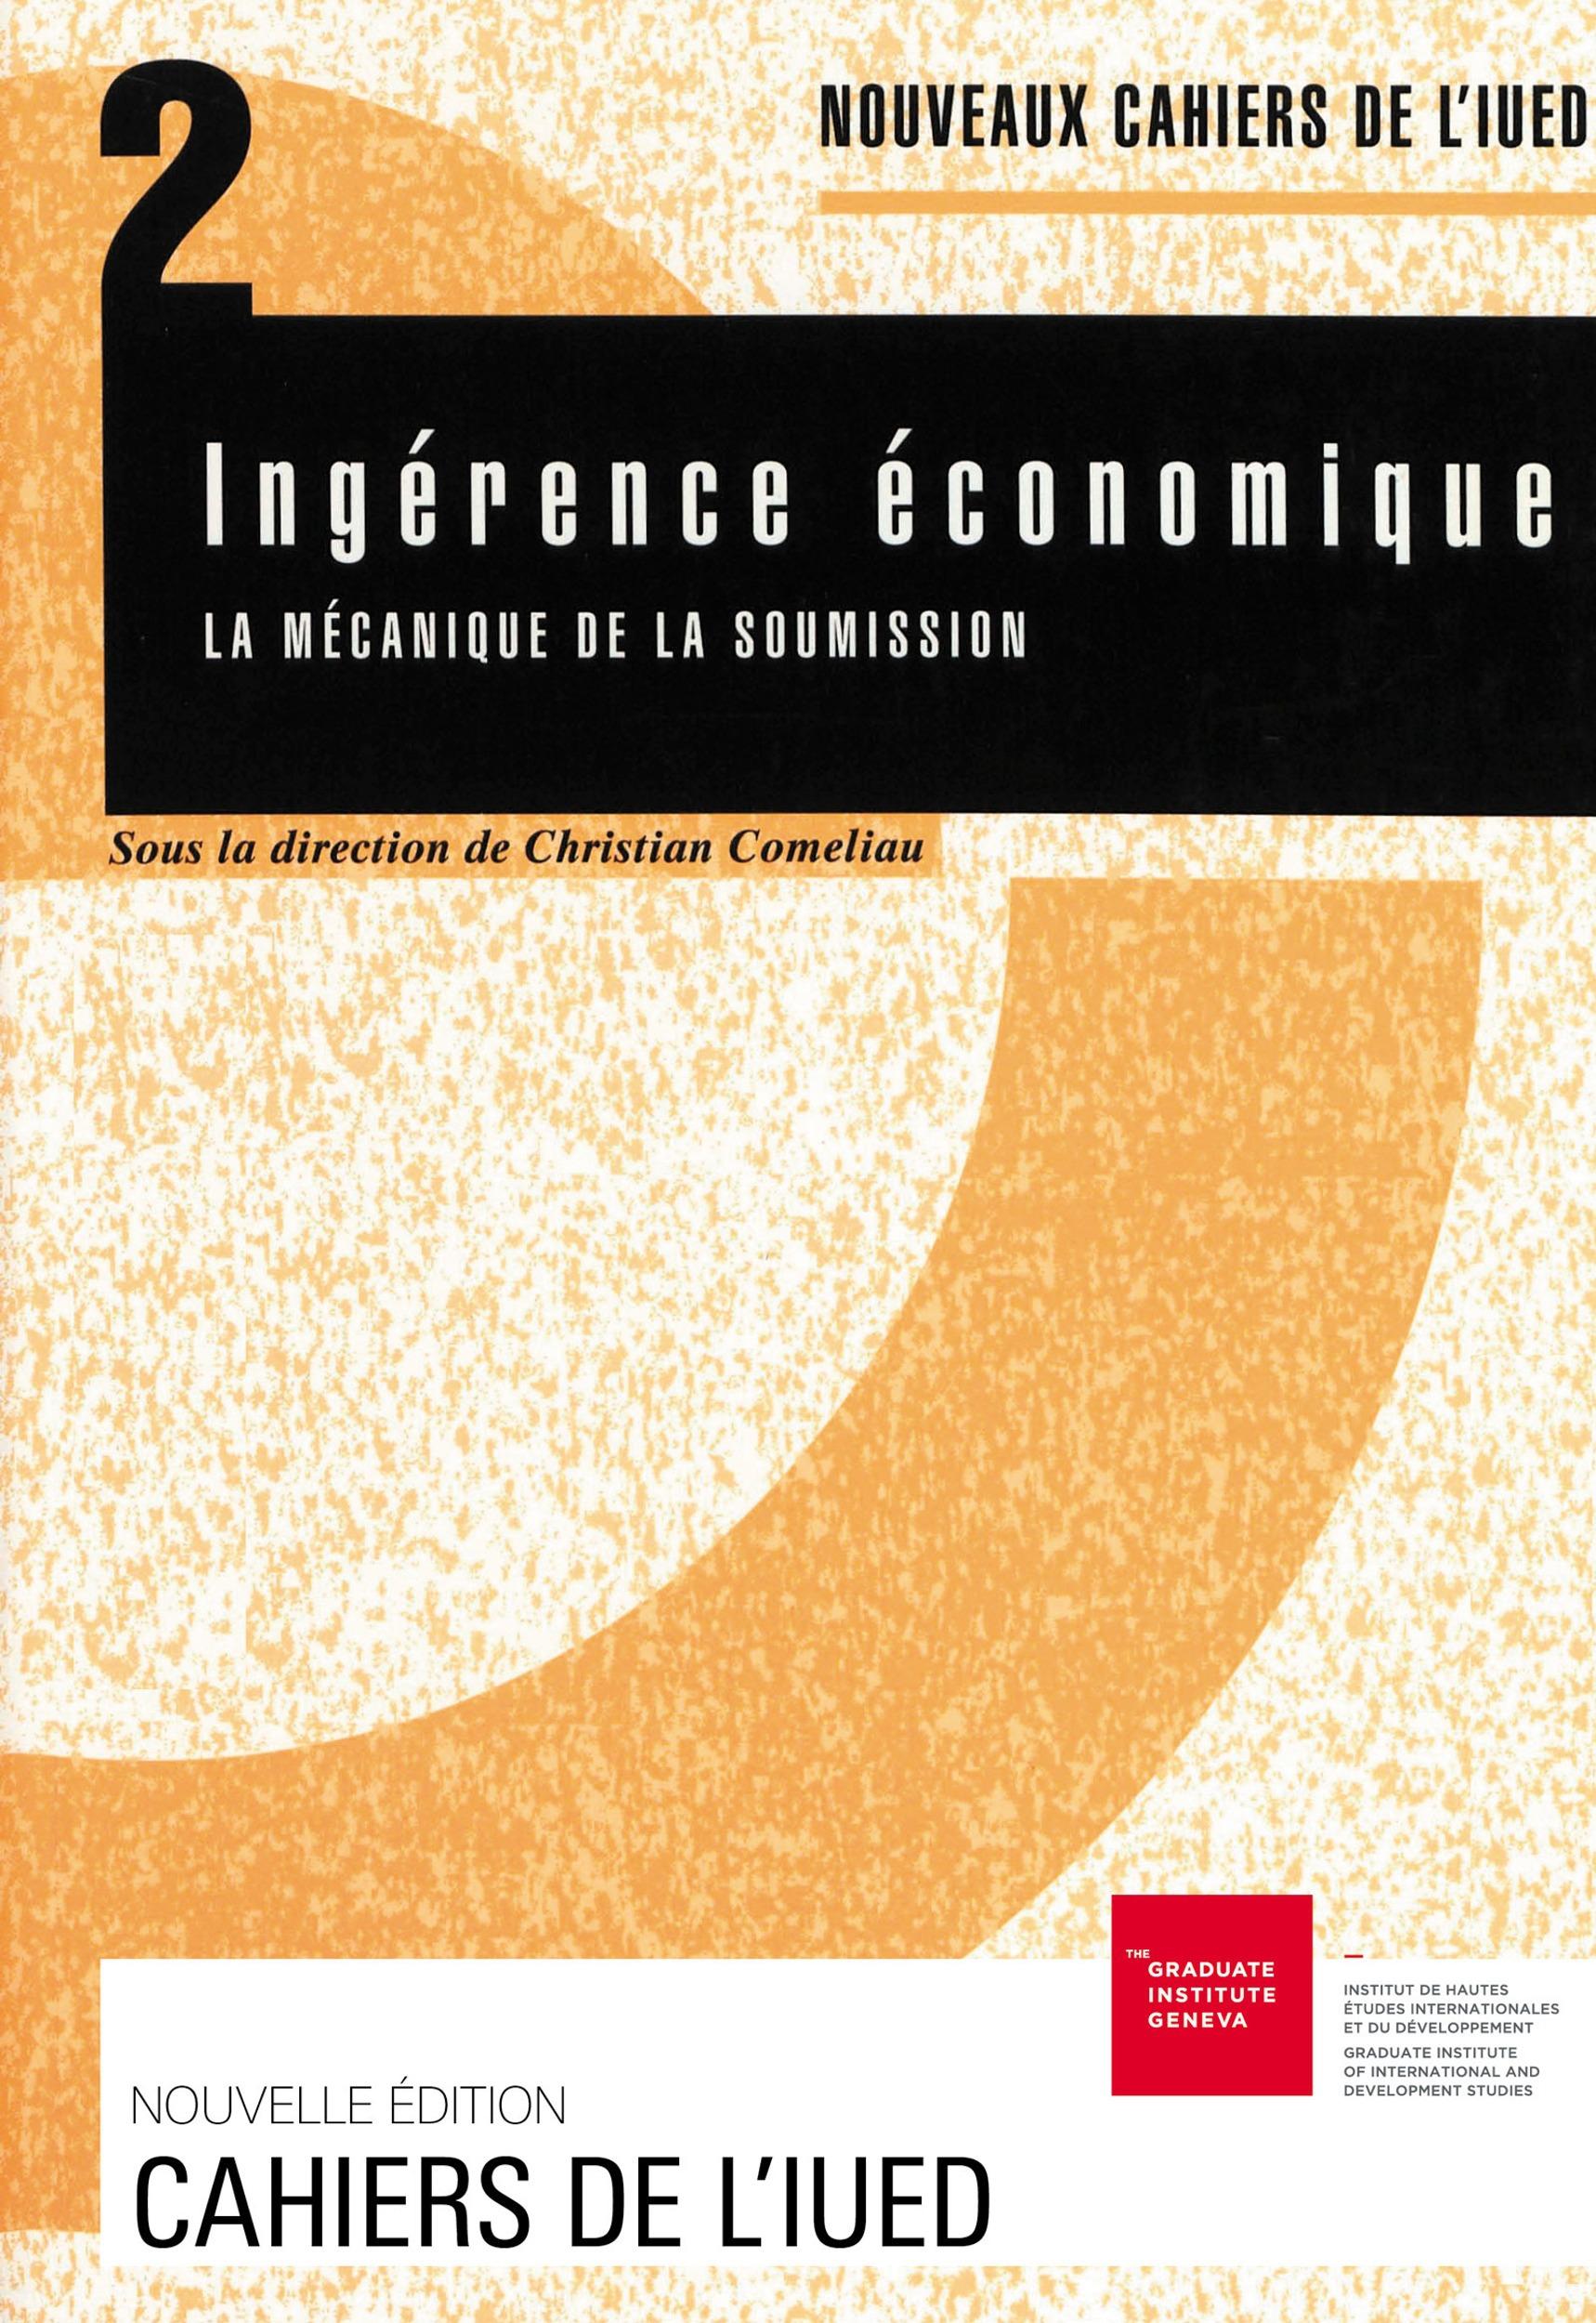 Christian Comeliau Ingérence économique